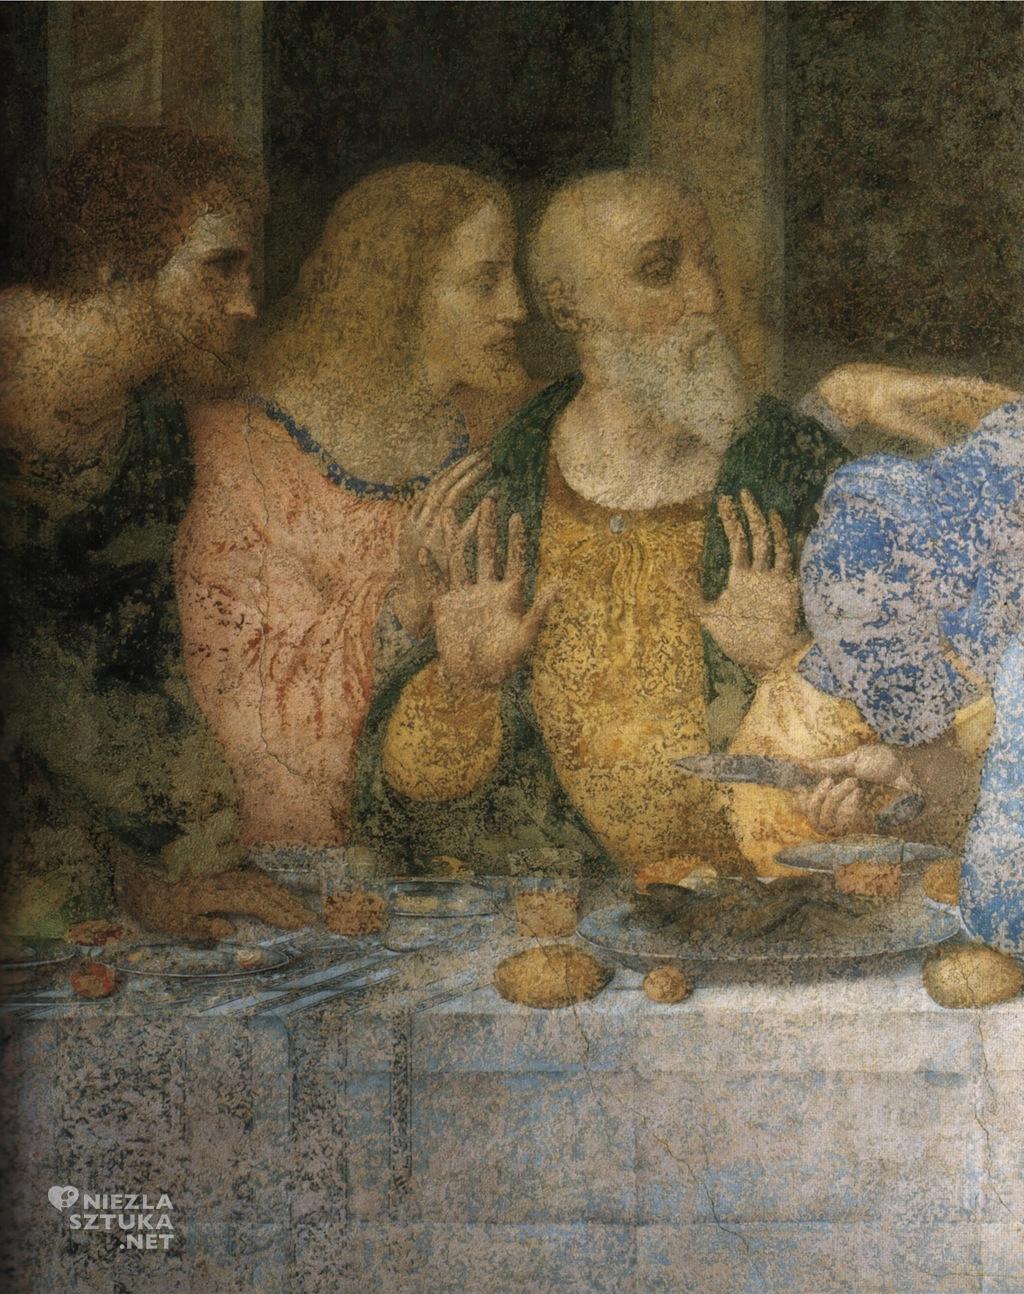 Fragment fresku po renowacji dzieła w 1999 roku